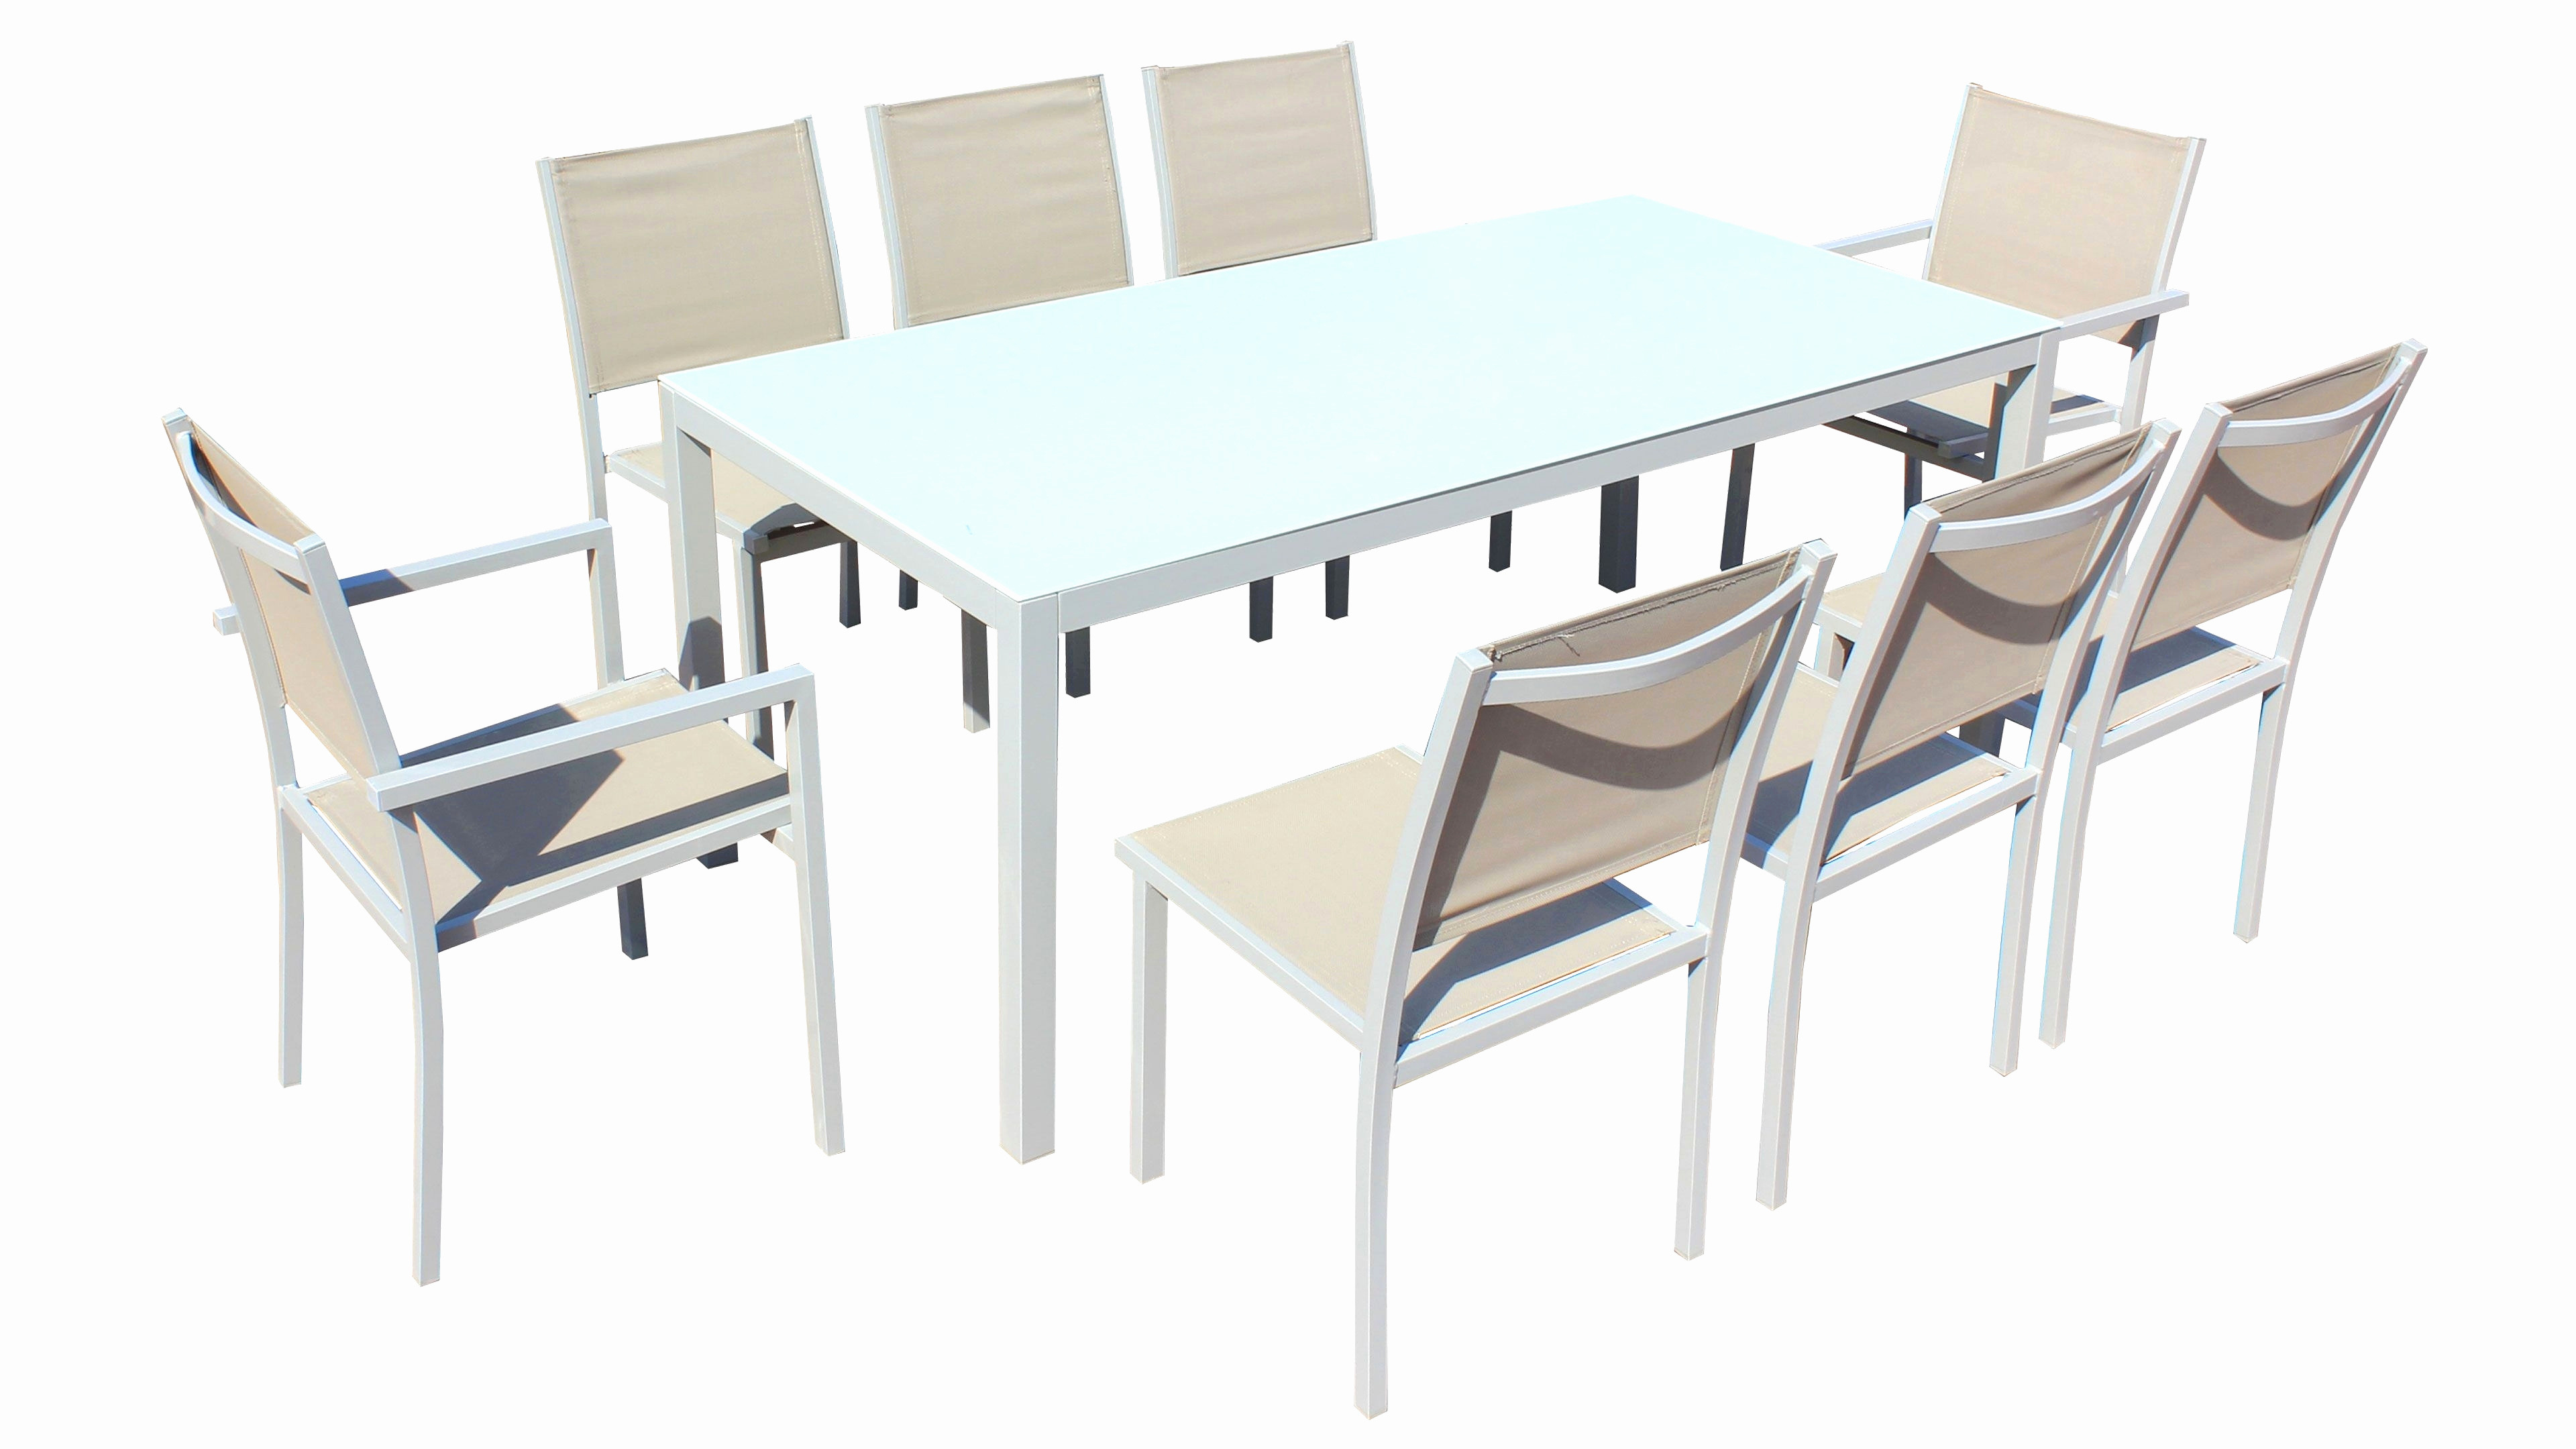 La Foir Fouille Chaise Beau Stock Table Et Chaises De Jardin De Avant toute Chose Table Haute De